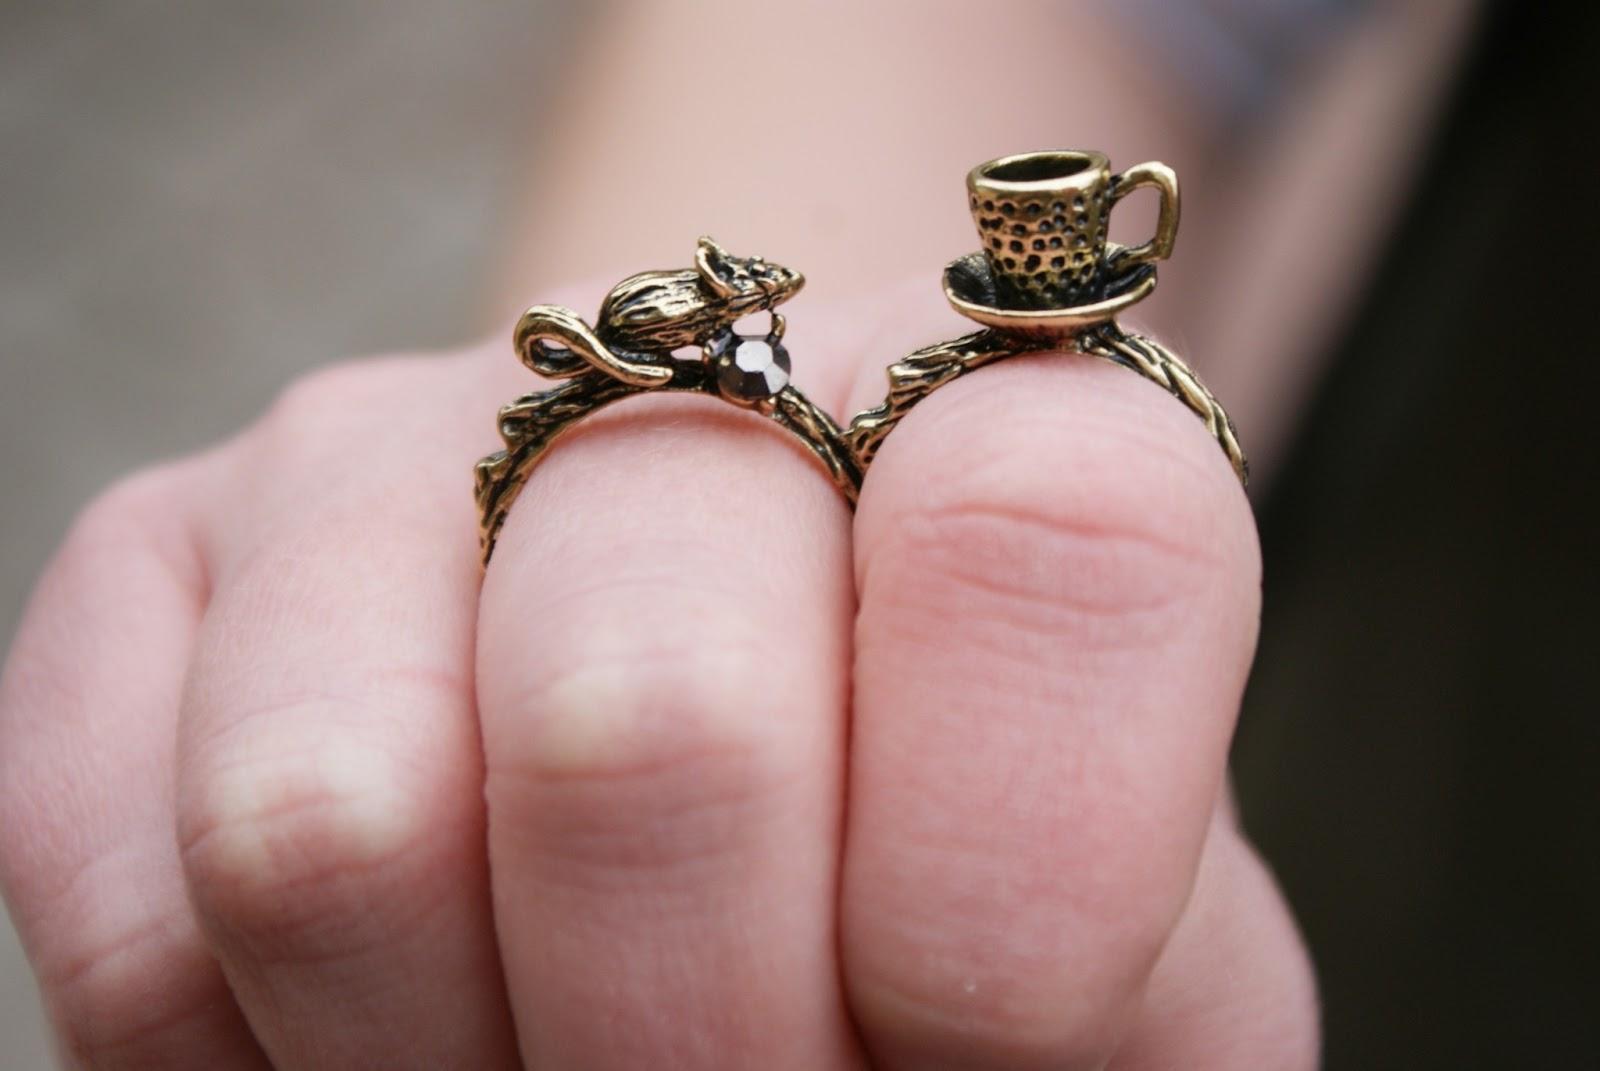 7baab081577af6 Lubię oryginalne wzory, a gdy przy nich jesteśmy - uroczy, dwupalcowy  pierścionek z uroczą myszką i filiżanką. Jeśli chodzi o obuwie, postawiłam  na ...